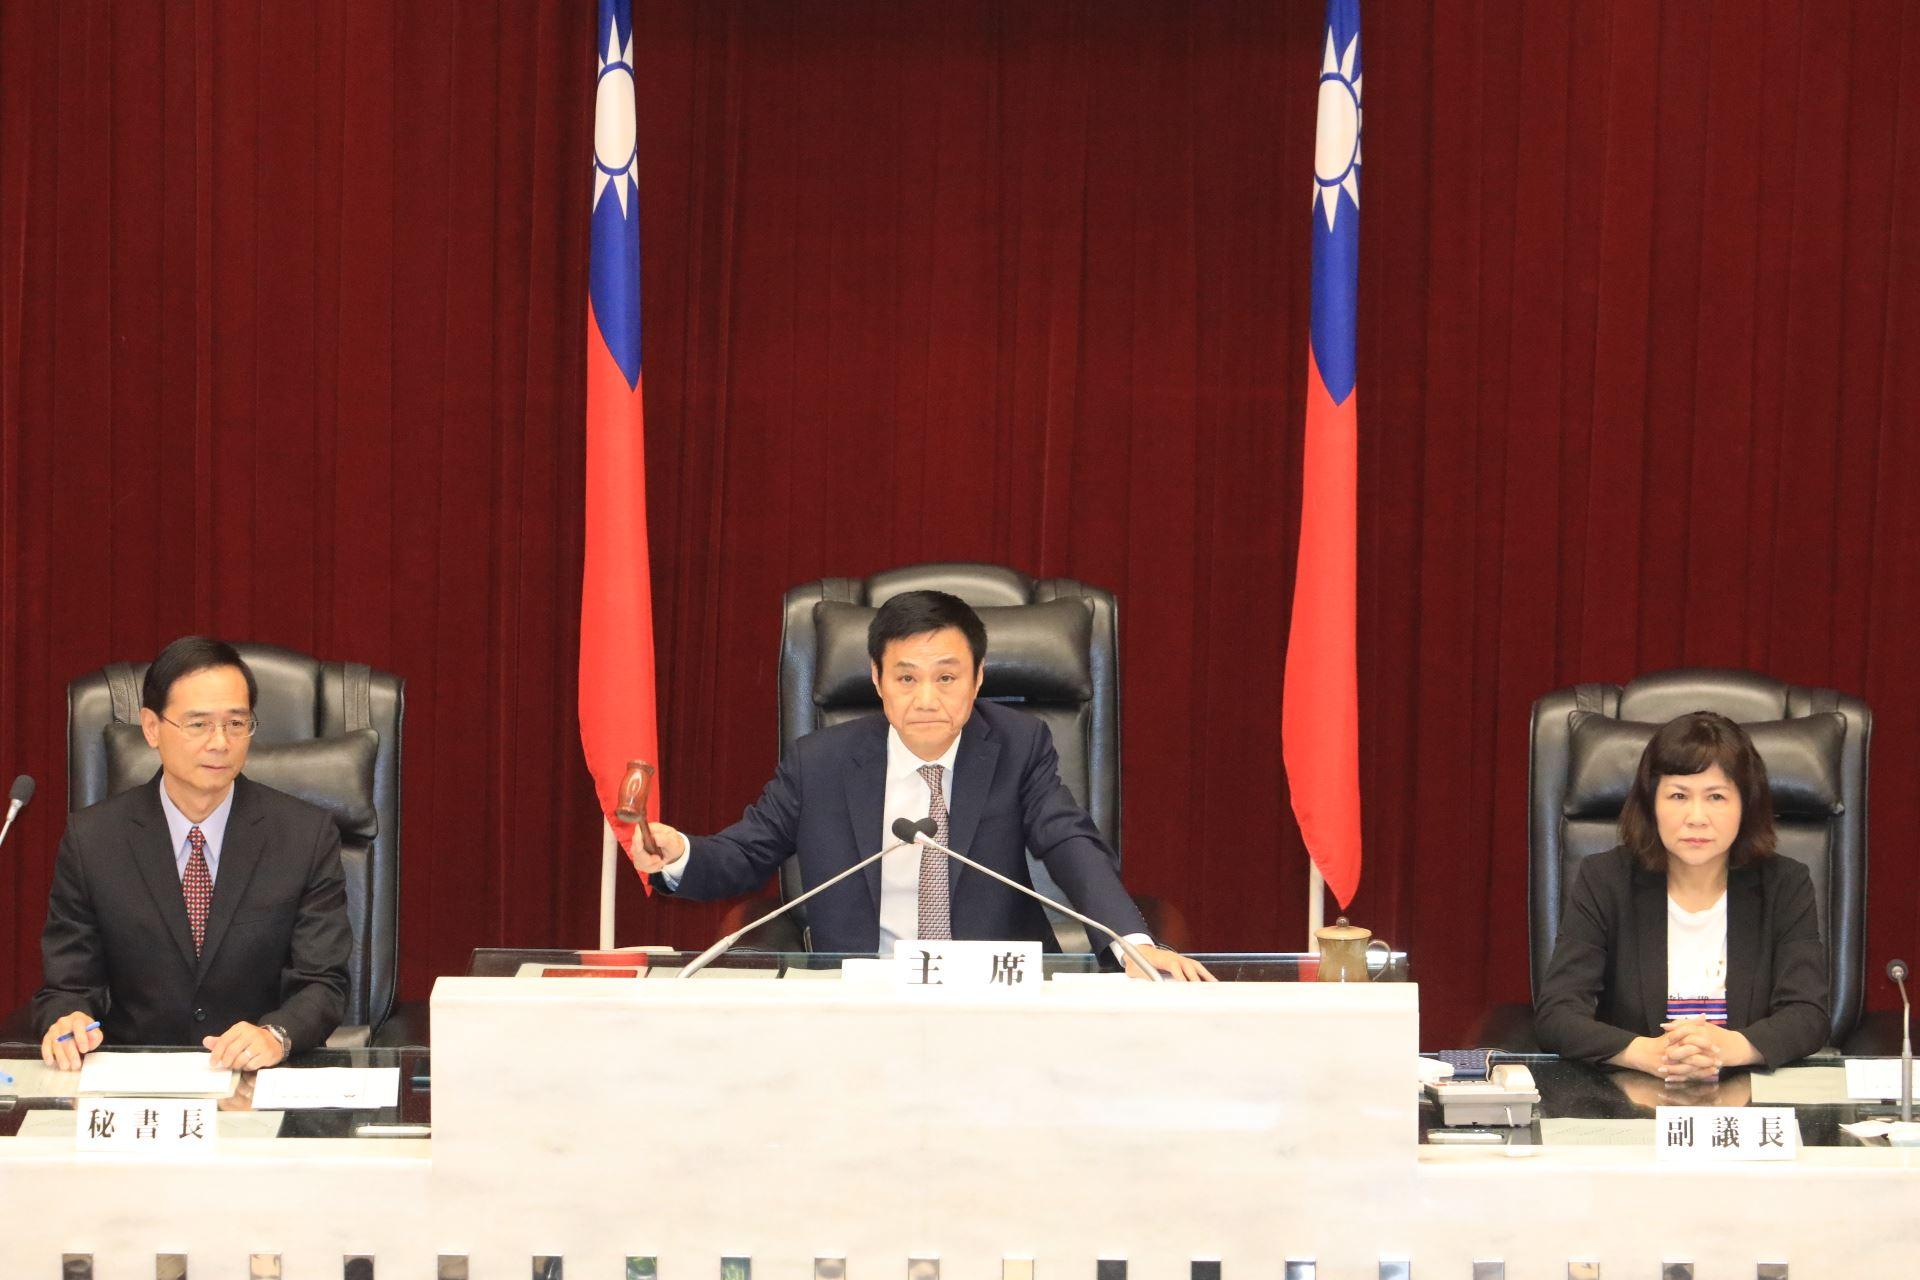 許議長肯定韓市長訪陸拼經濟